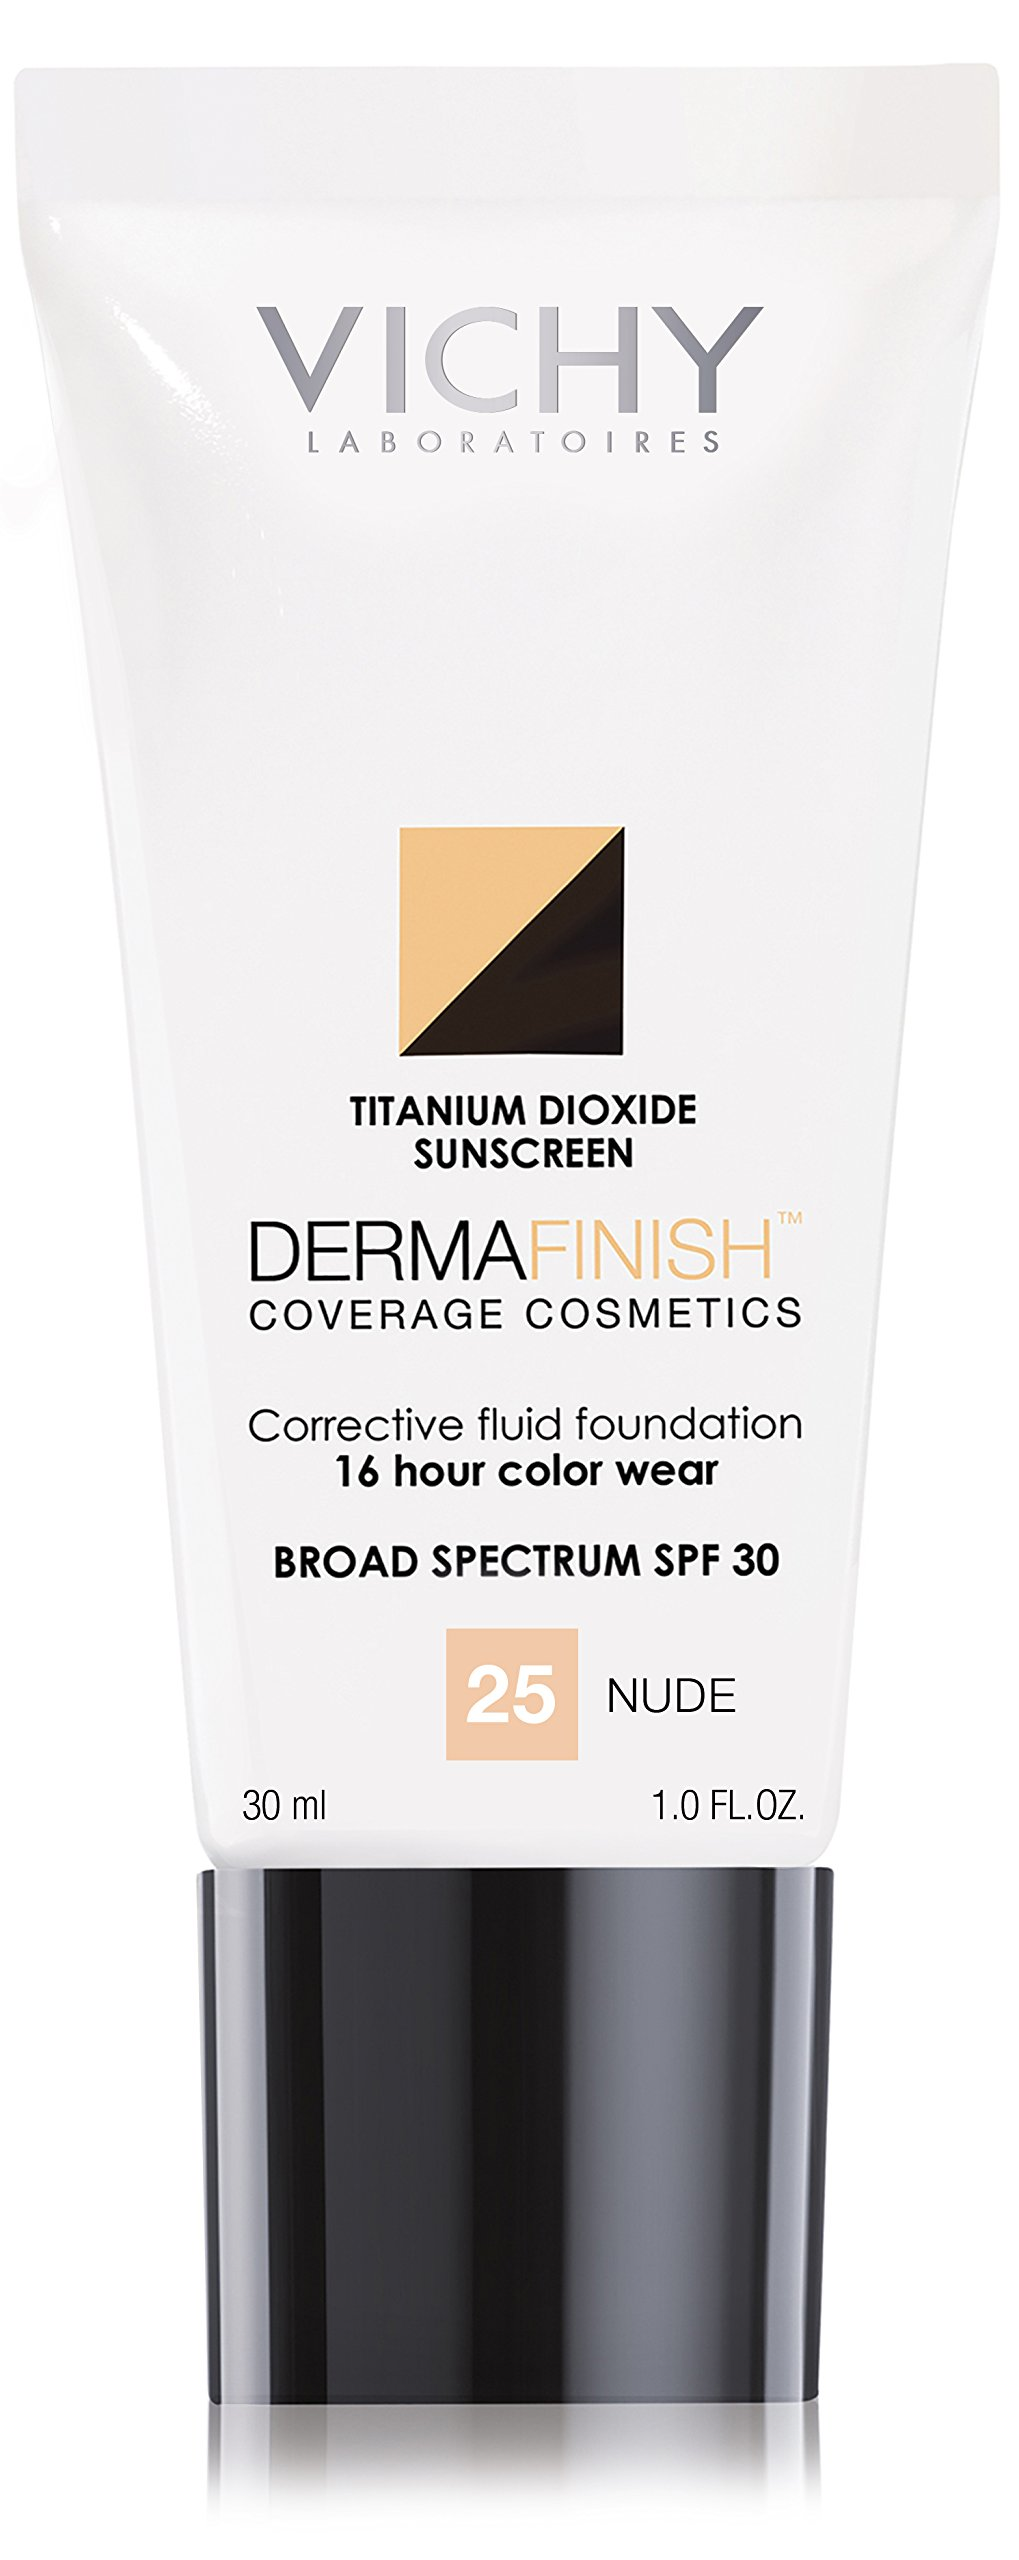 Vichy Dermafinish Liquid Foundation with SPF 30, 25 Nude, 1 Fl. Oz.